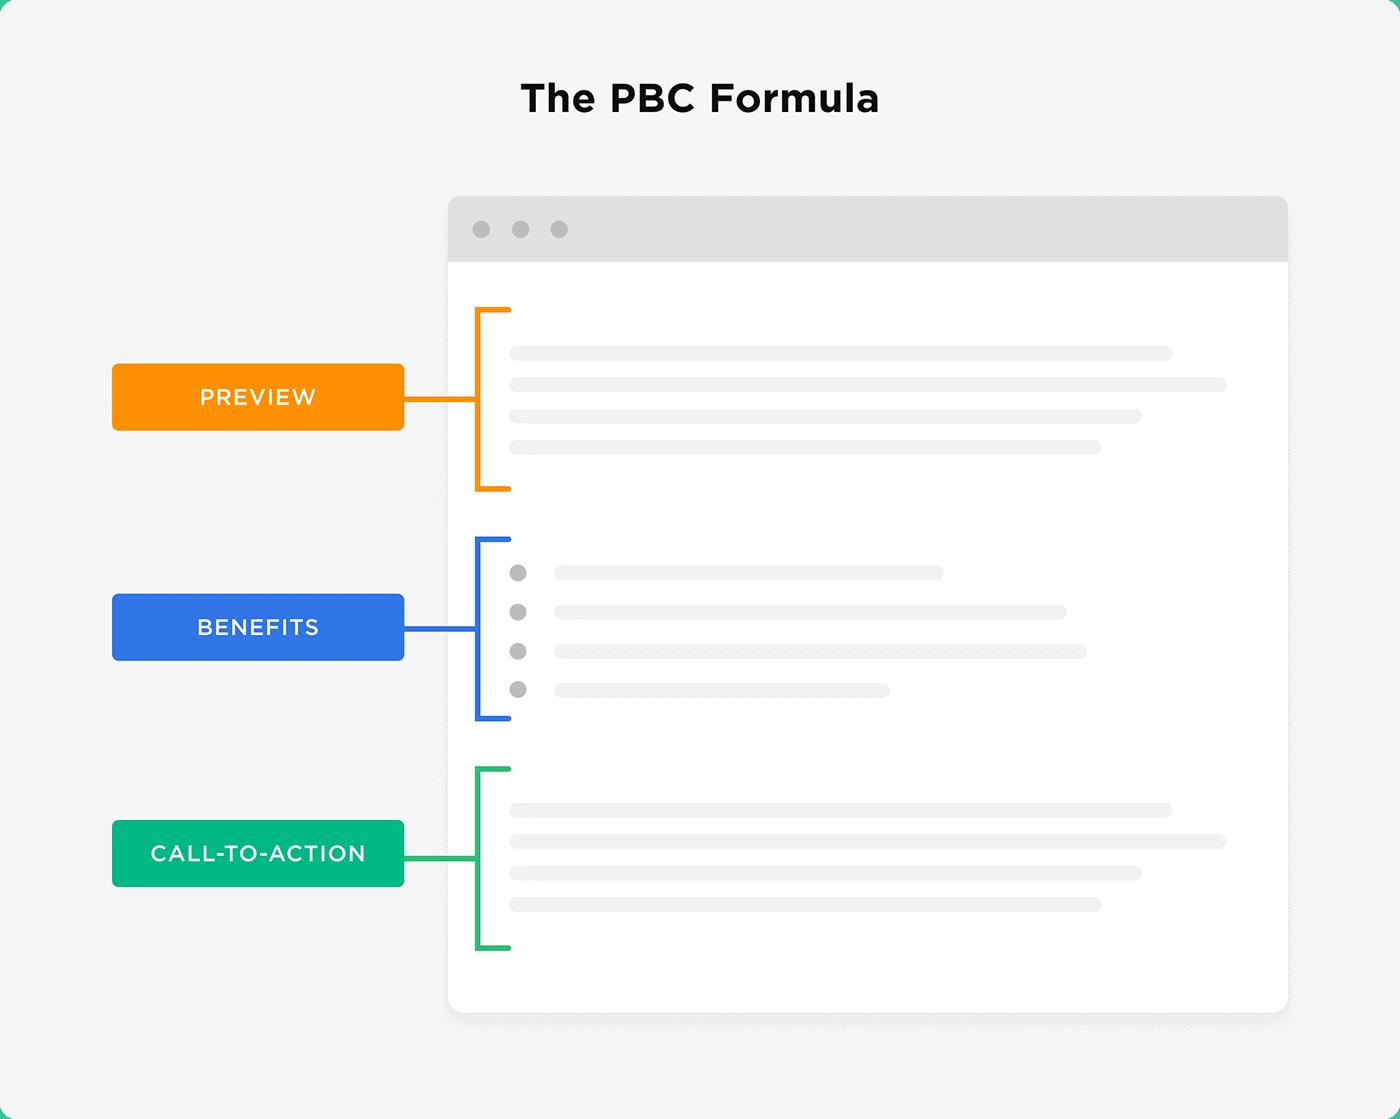 The PBC Formula